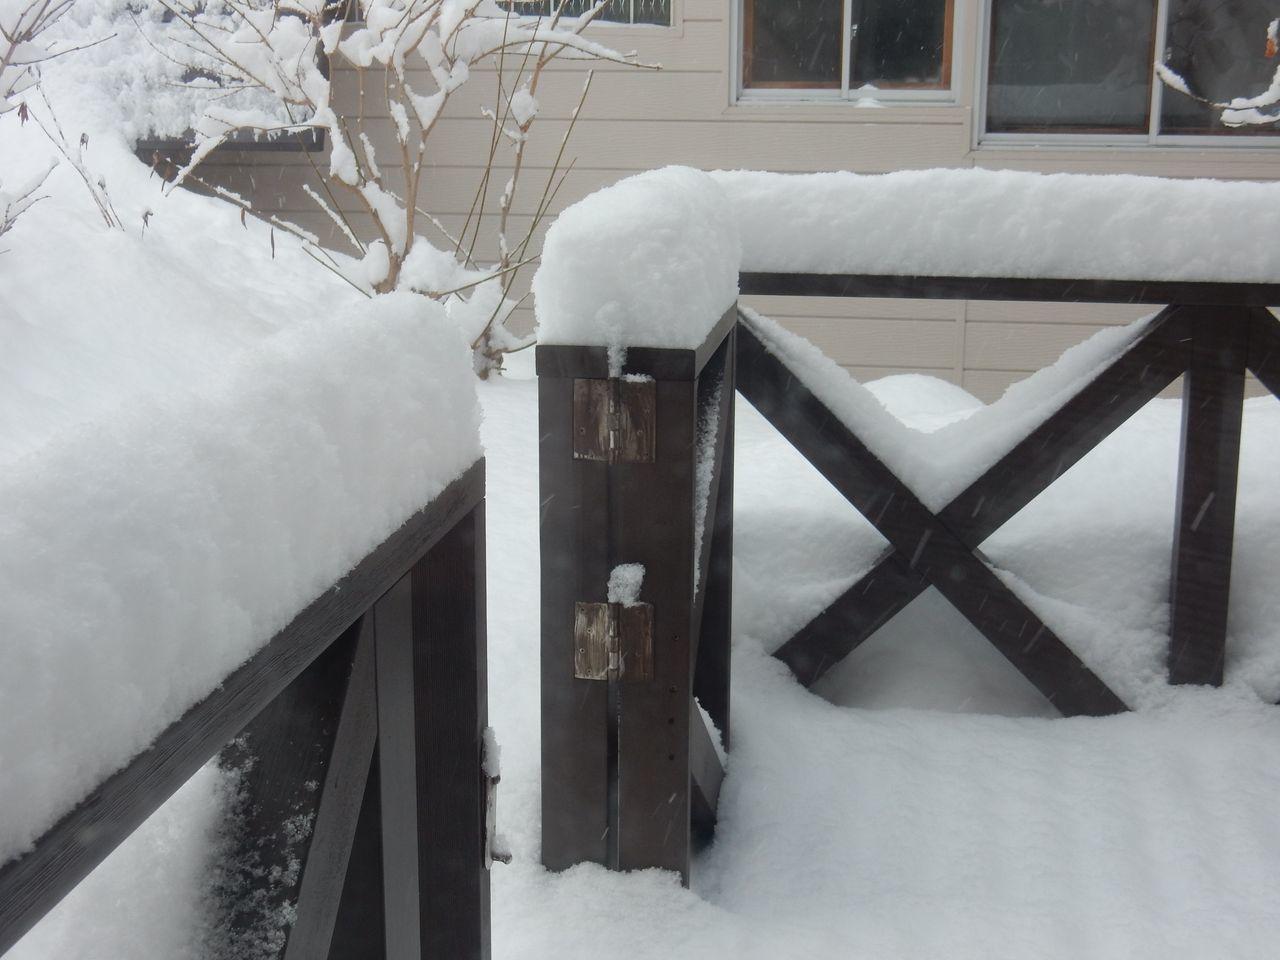 綿菓子のような雪の後、最高気温4.4℃_c0025115_21300411.jpg